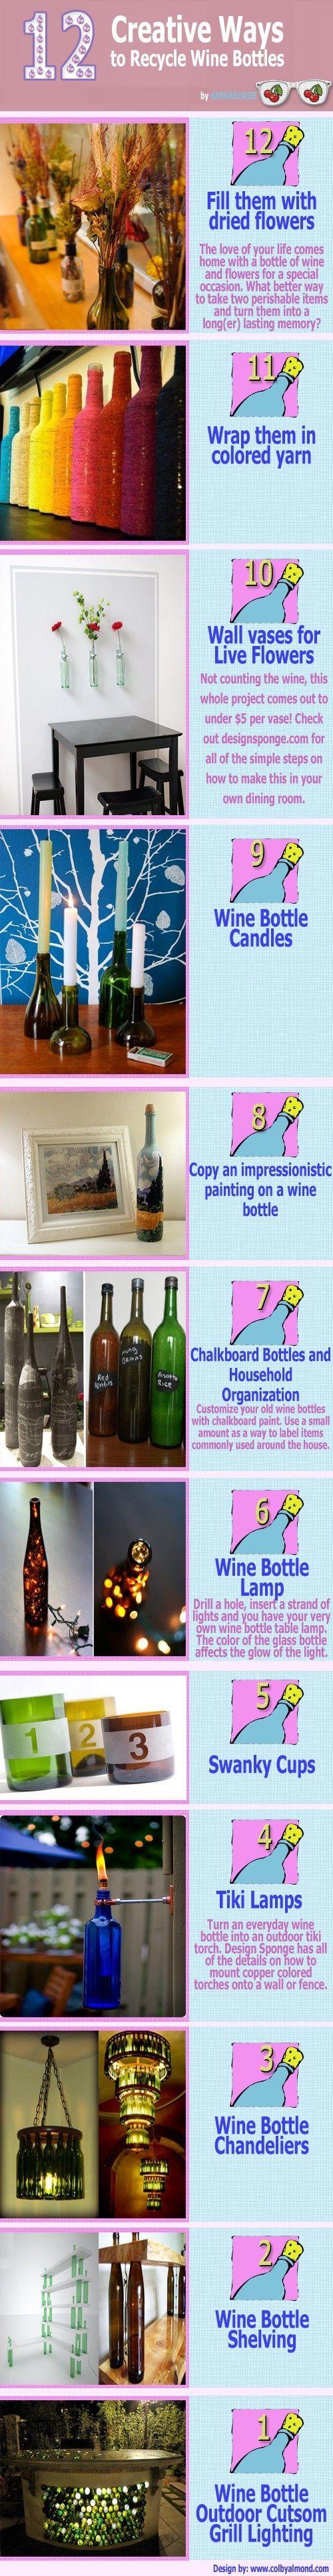 Best 25+ Empty wine bottles ideas on Pinterest | Diy projects ...